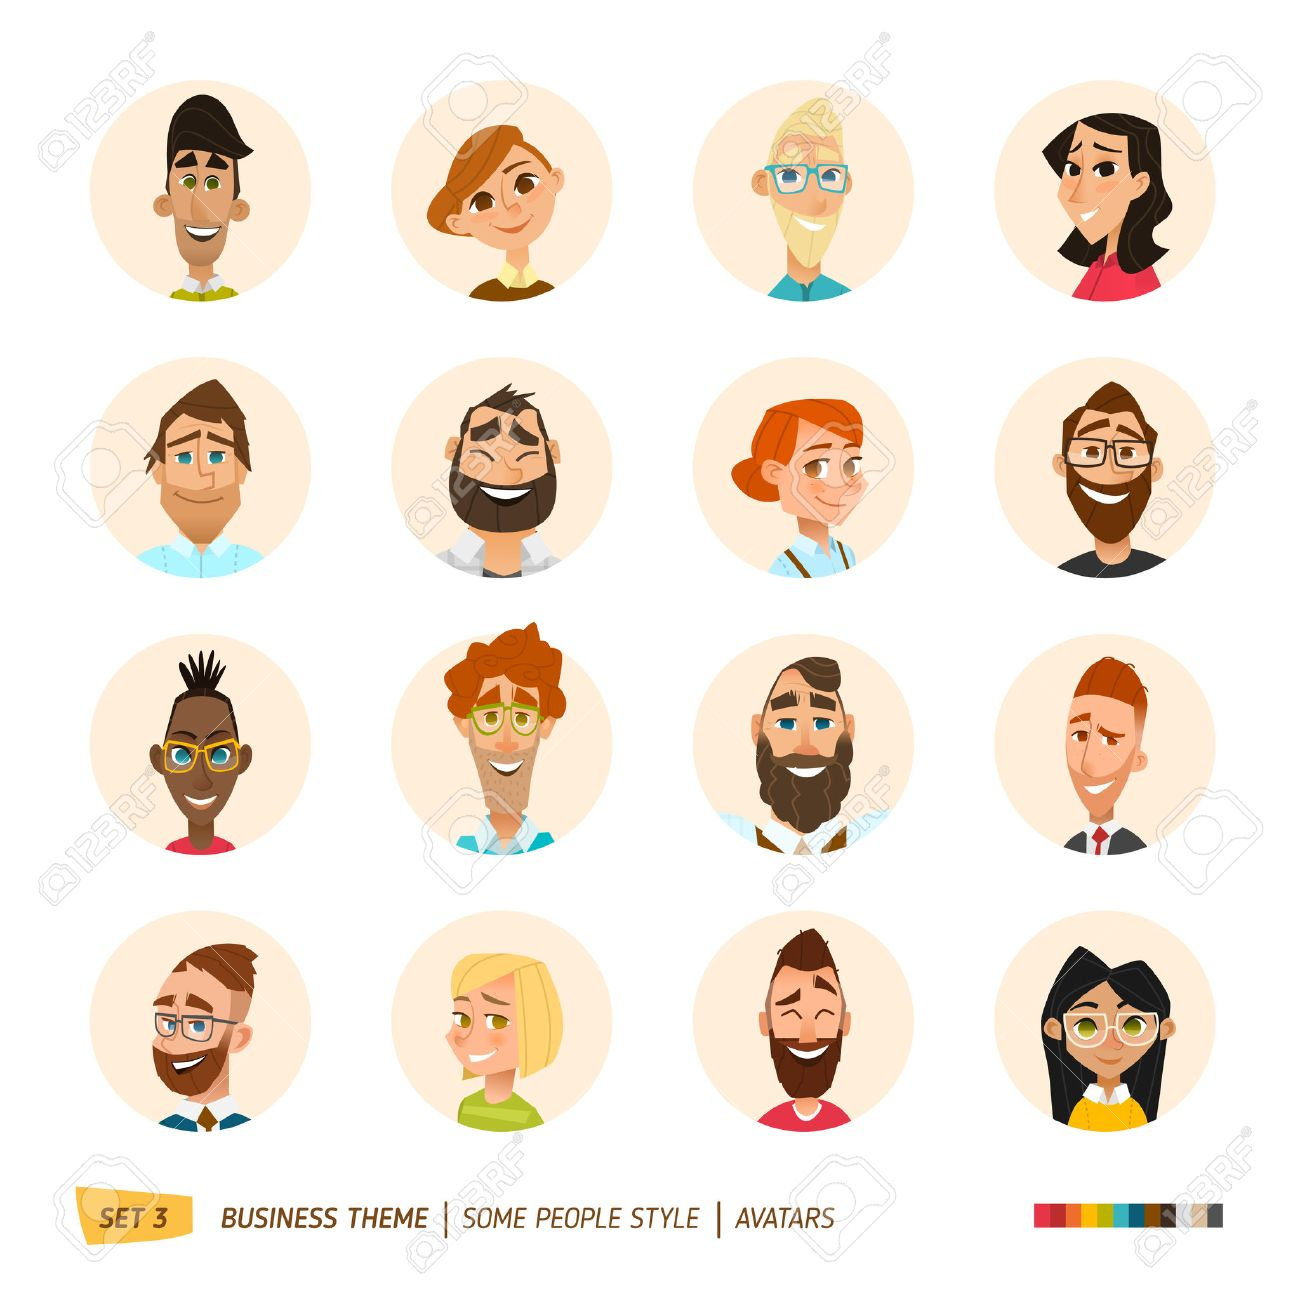 Cartoon business people avatars set. EPS 10 - 55159517